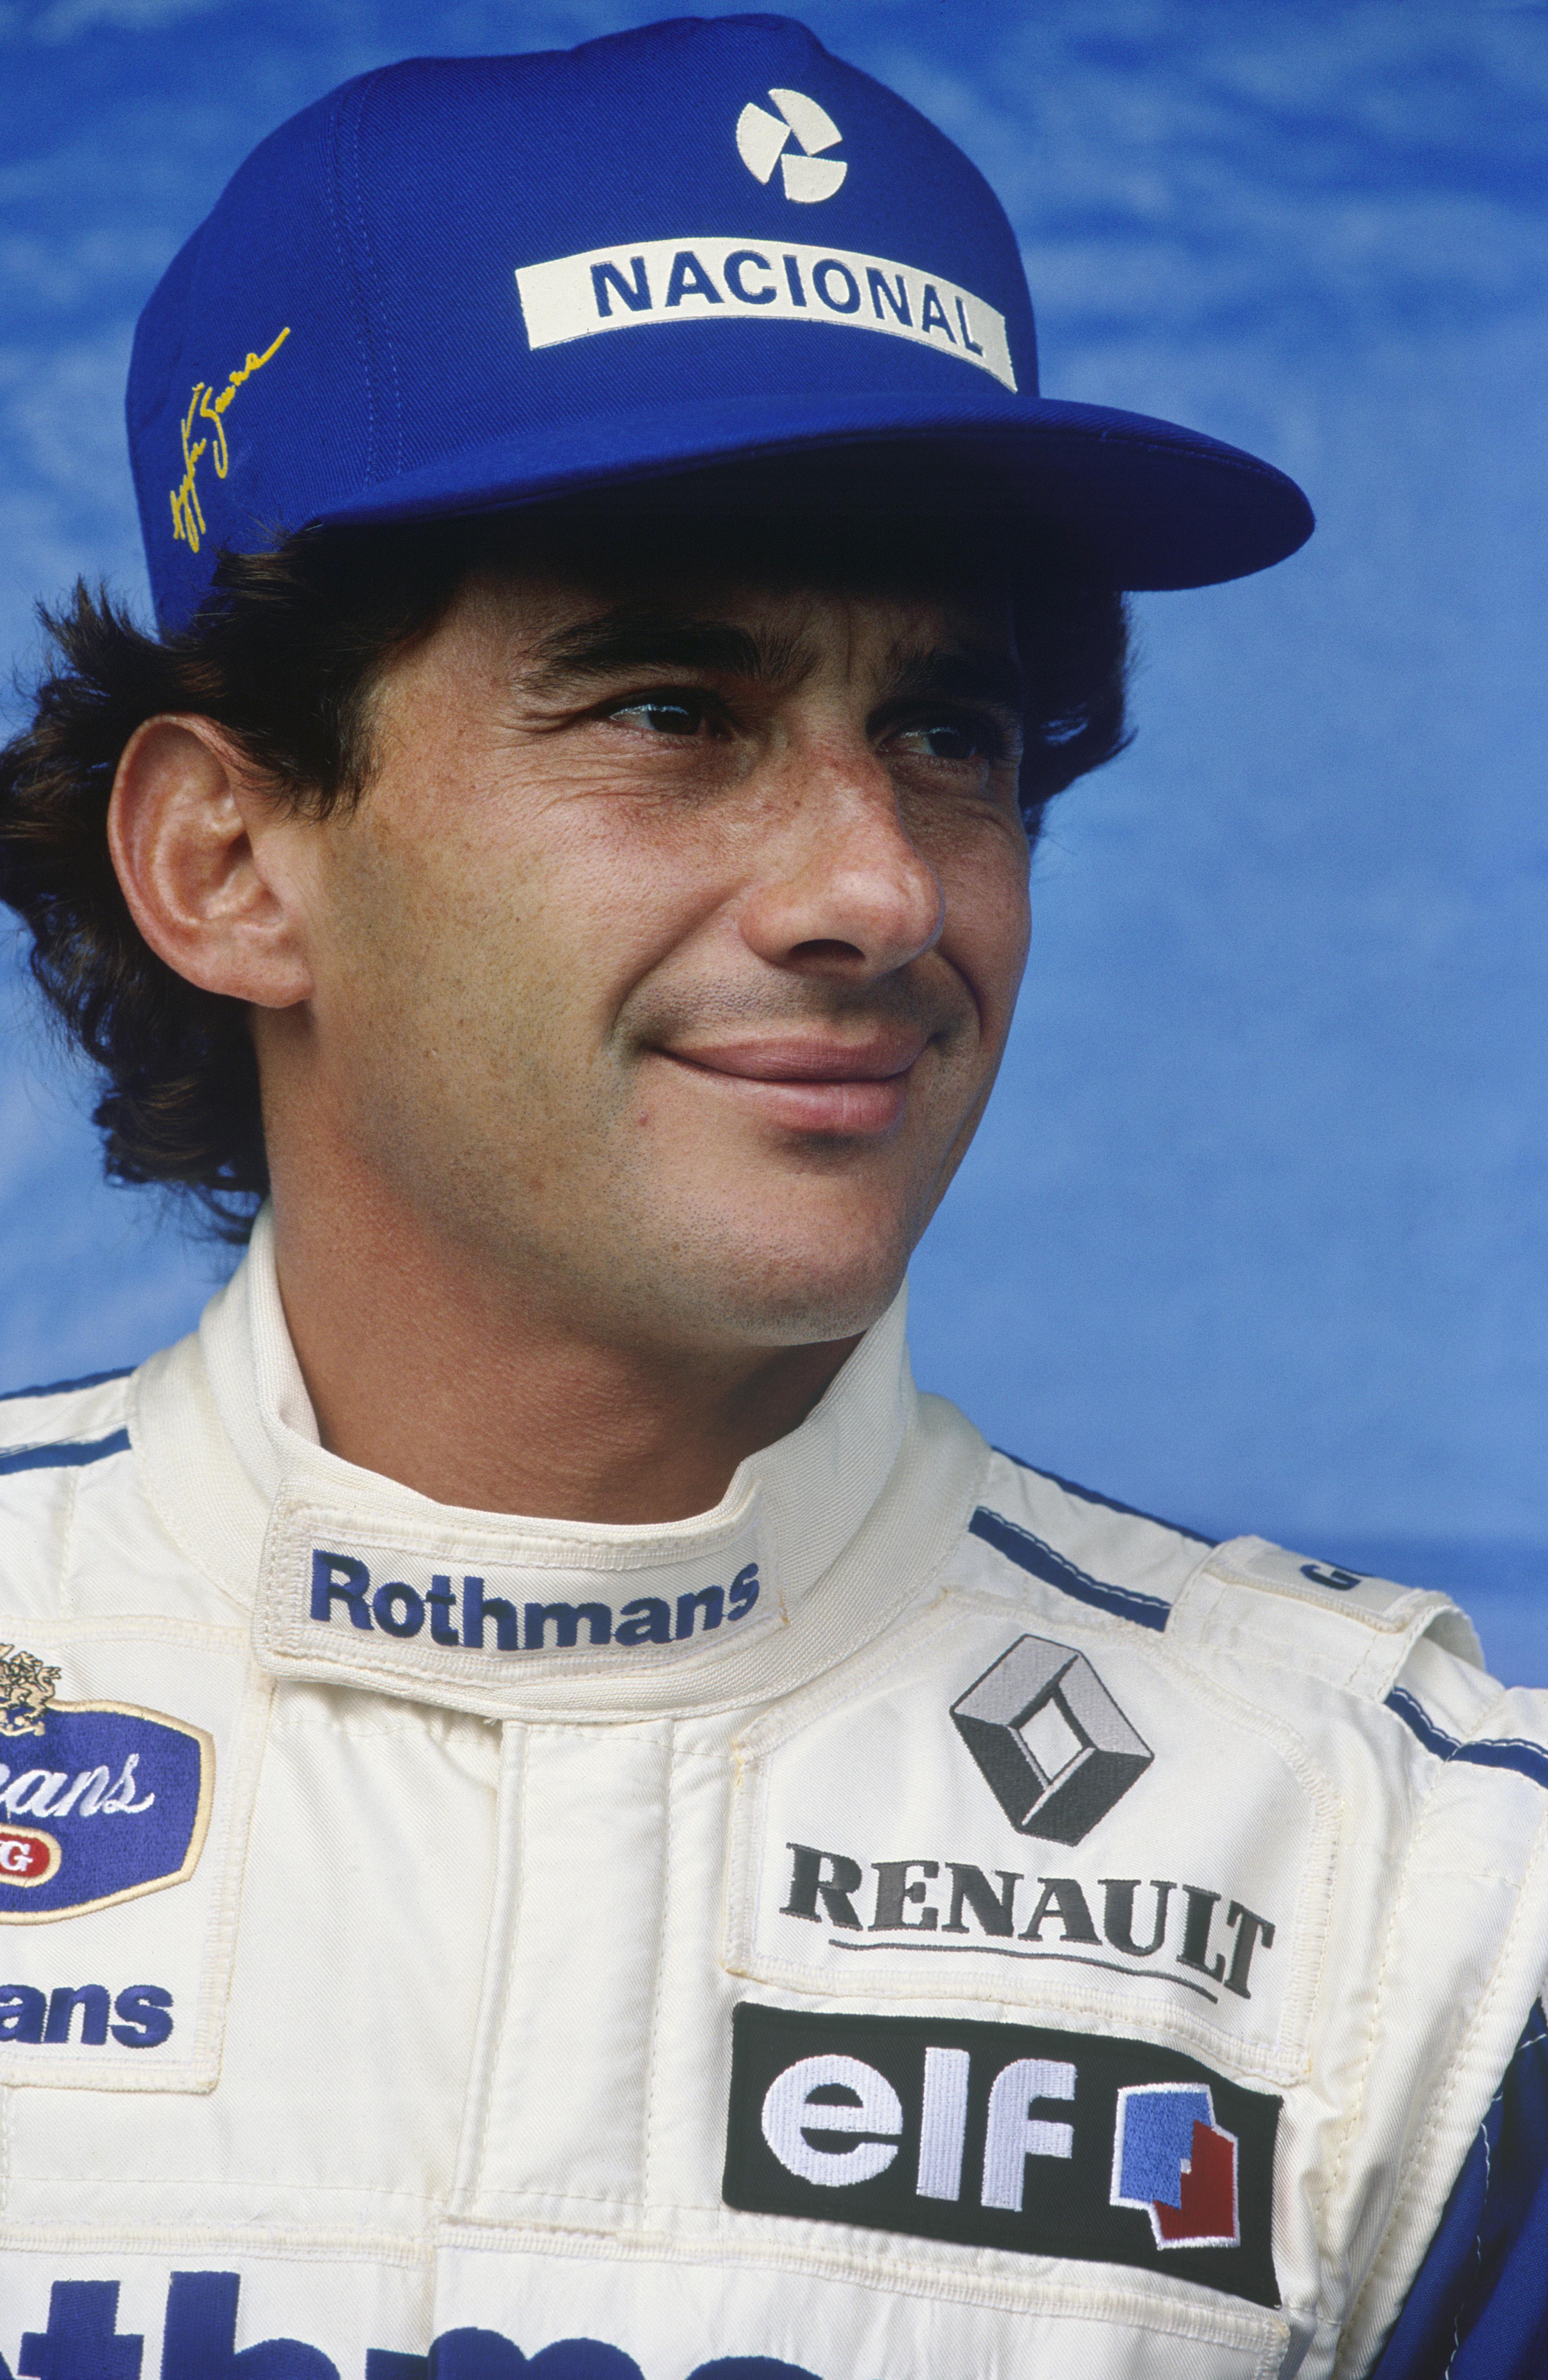 Karismatisk. Mystisk. Legendarisk. Ayrton Senna. Foto: Williams